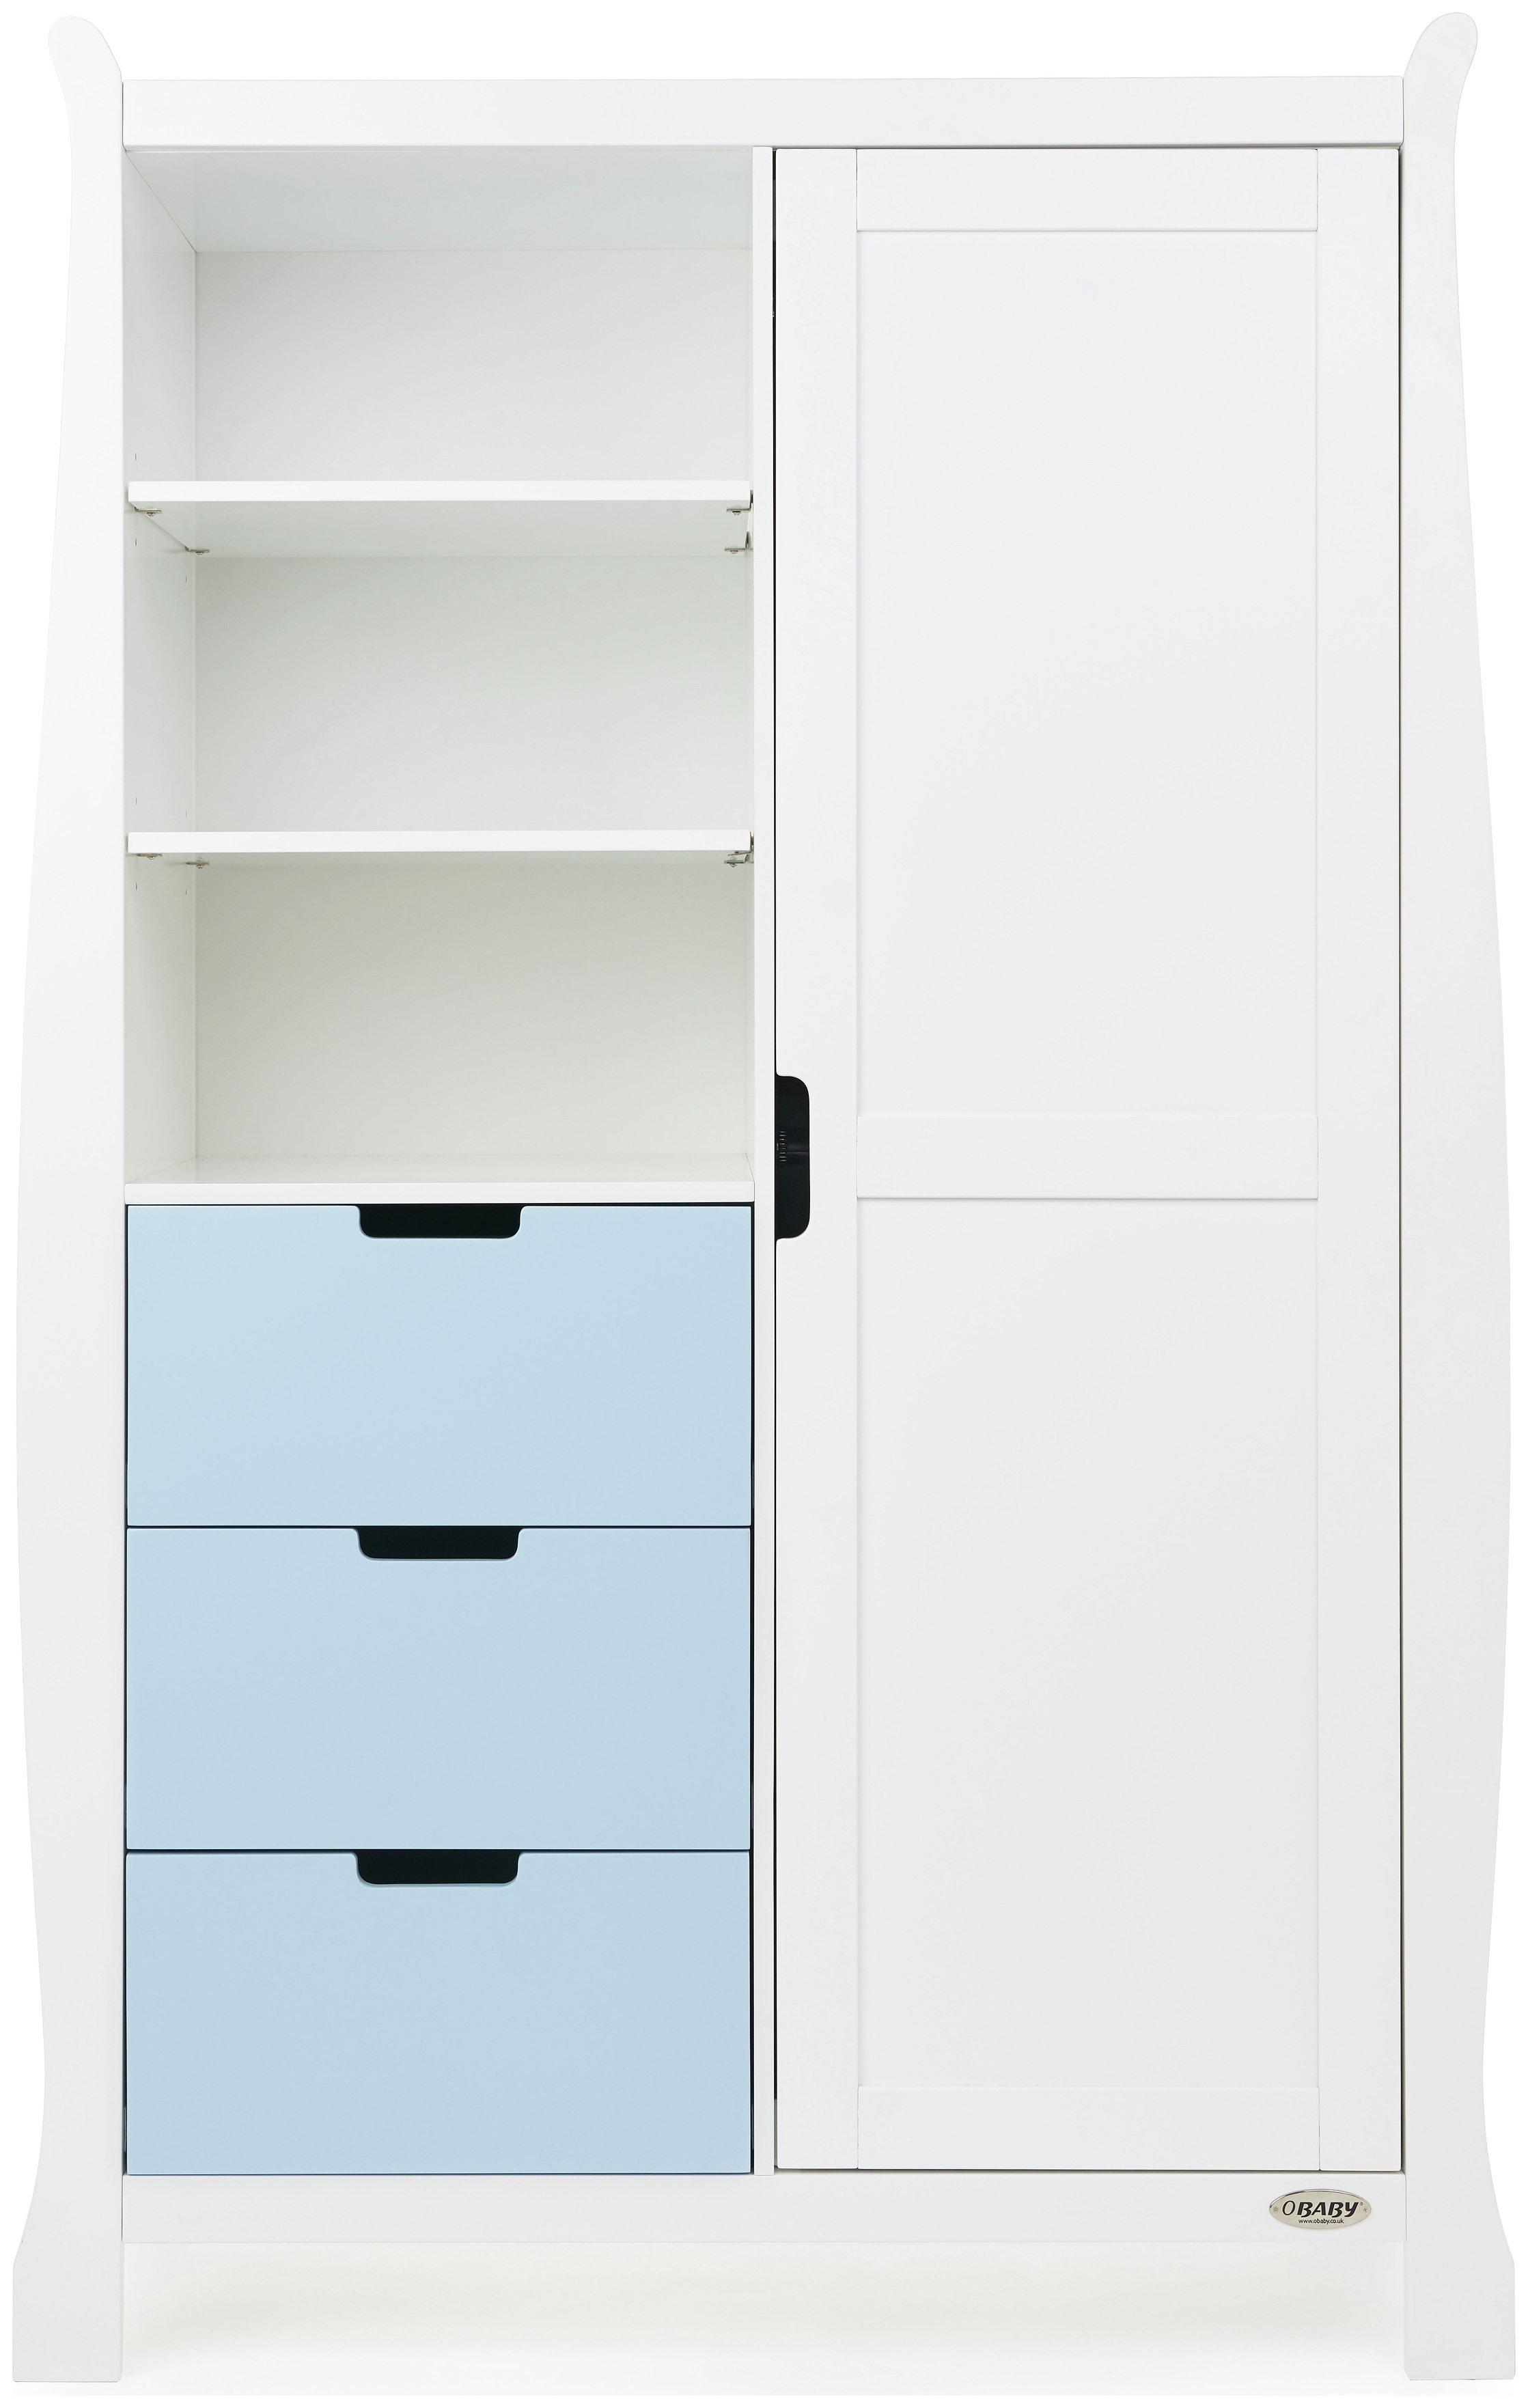 Obaby Stamford Sleigh Double Wardrobe - White & Bonbon Blue